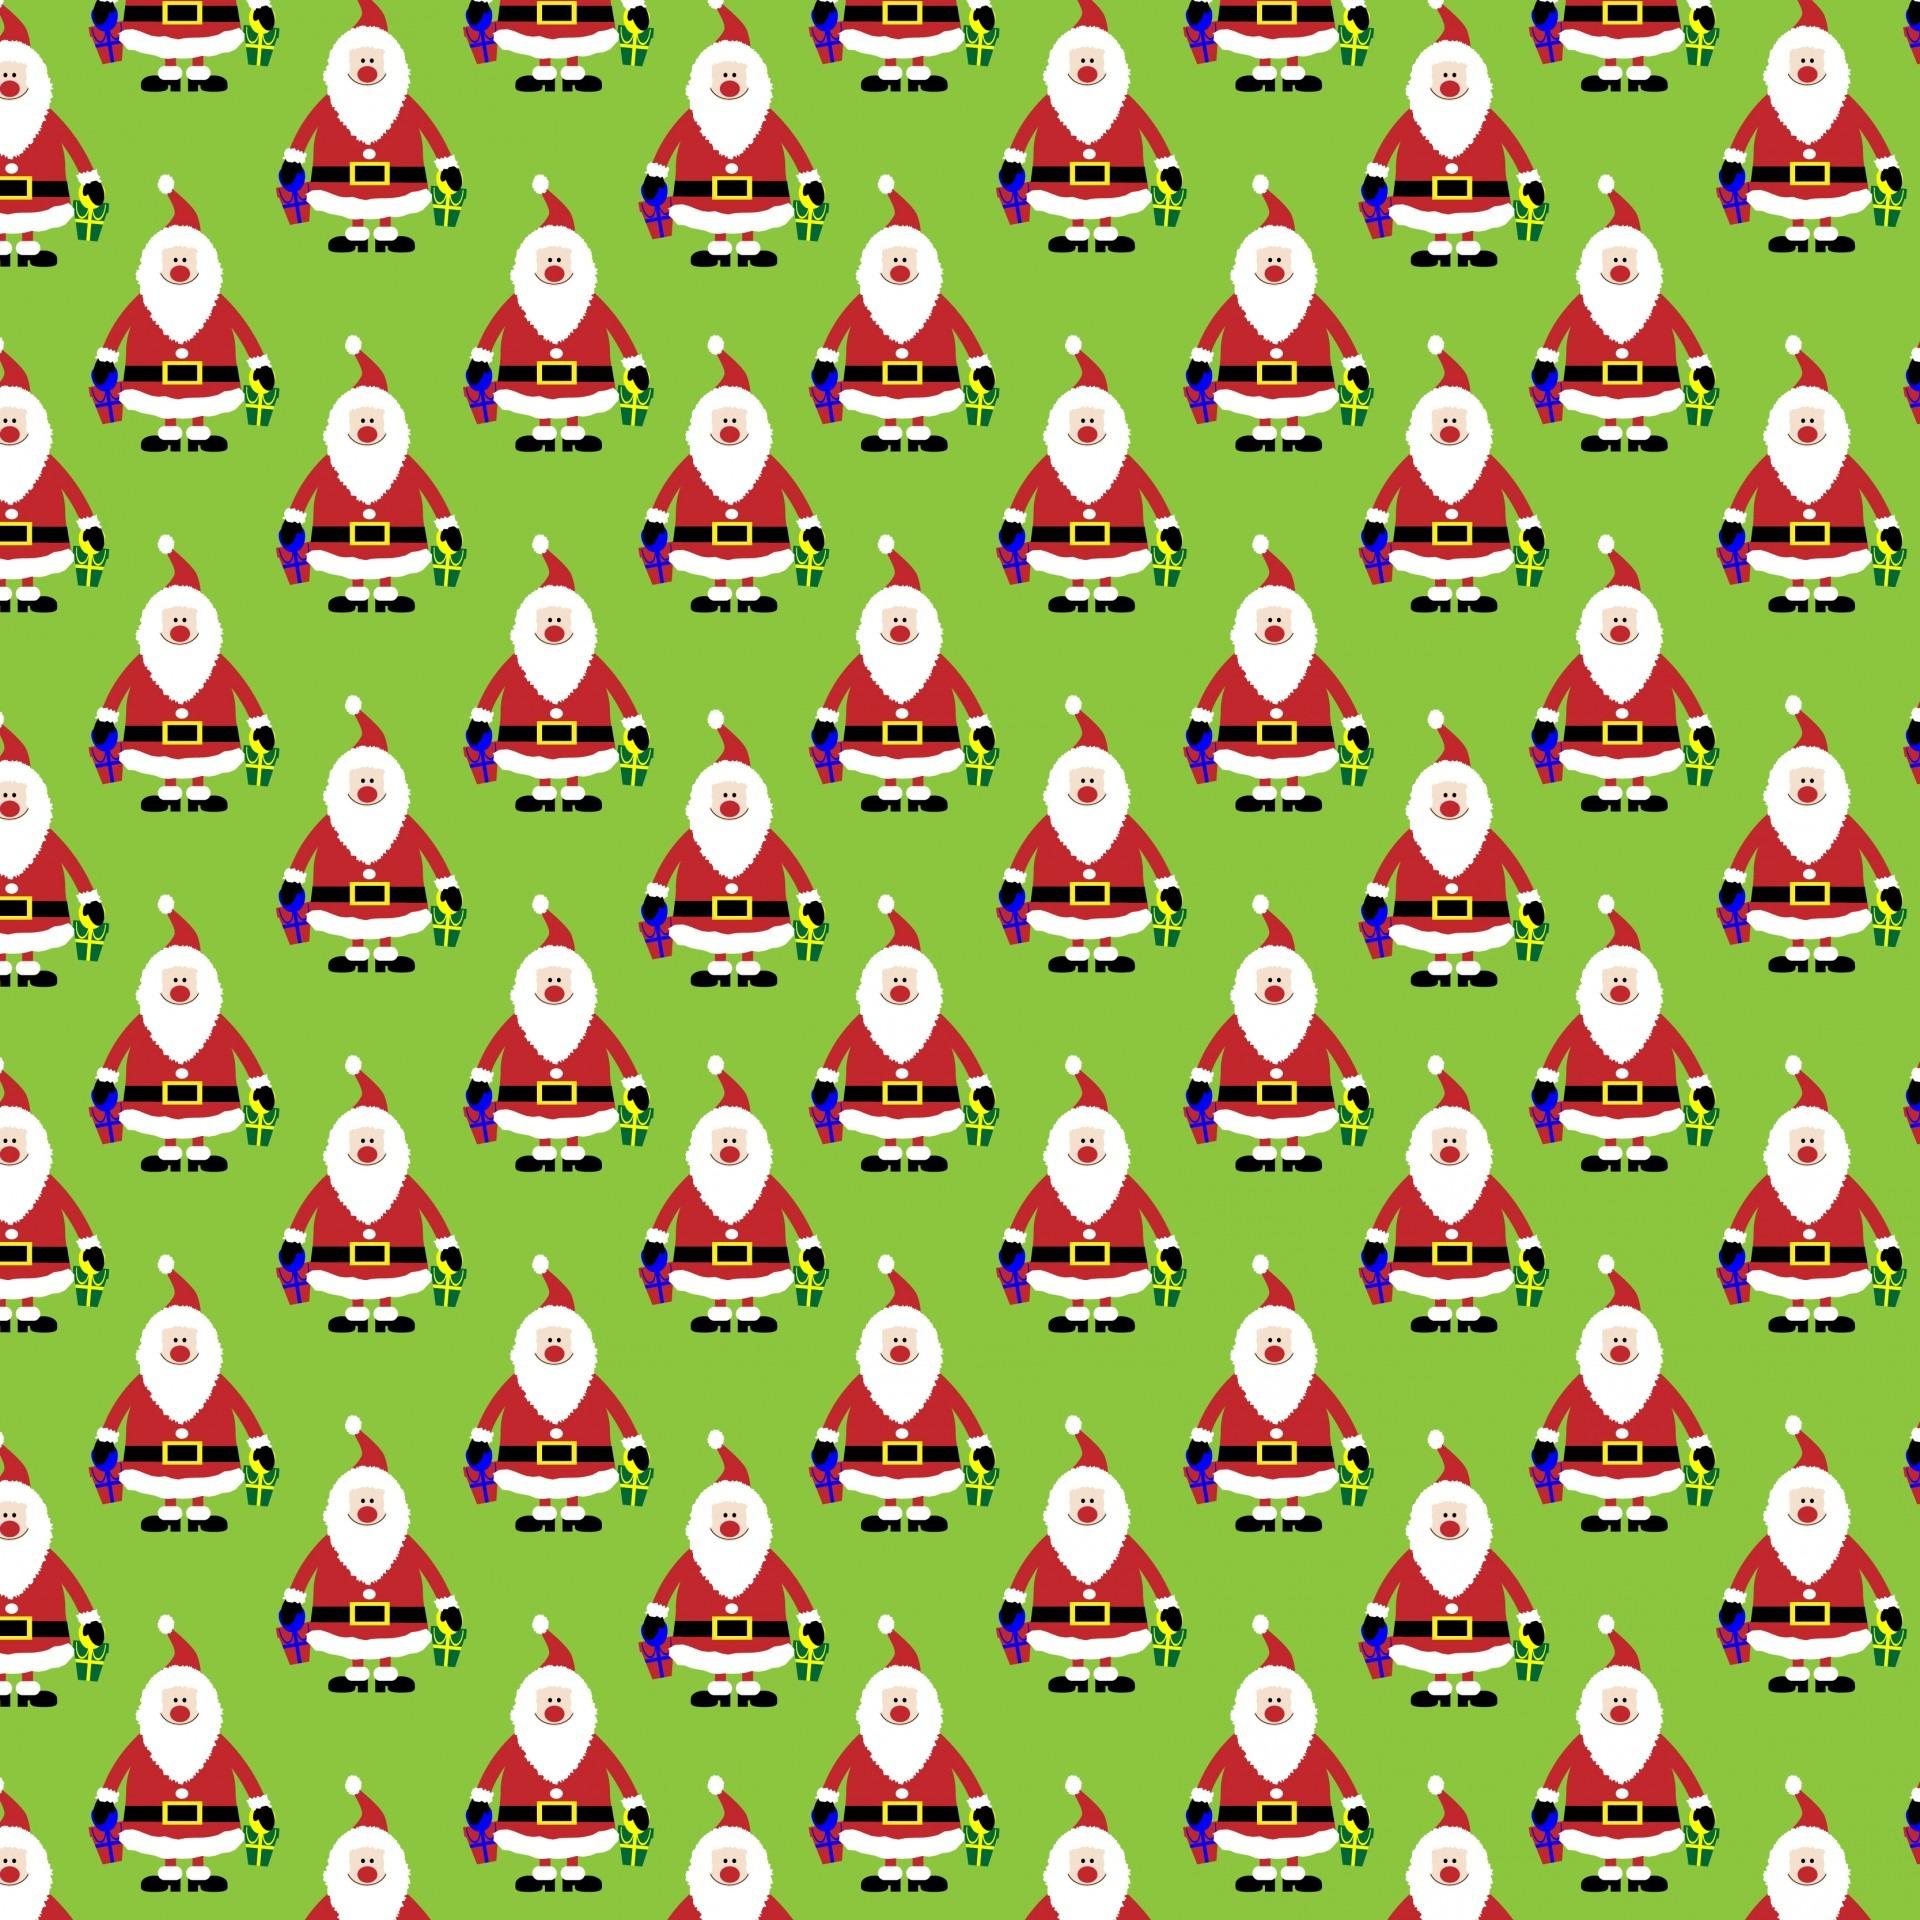 Geschenkpapier Zum Ausdrucken | Muster-Vorlage.ch bestimmt für Geschenkpapier Kostenlos Ausdrucken